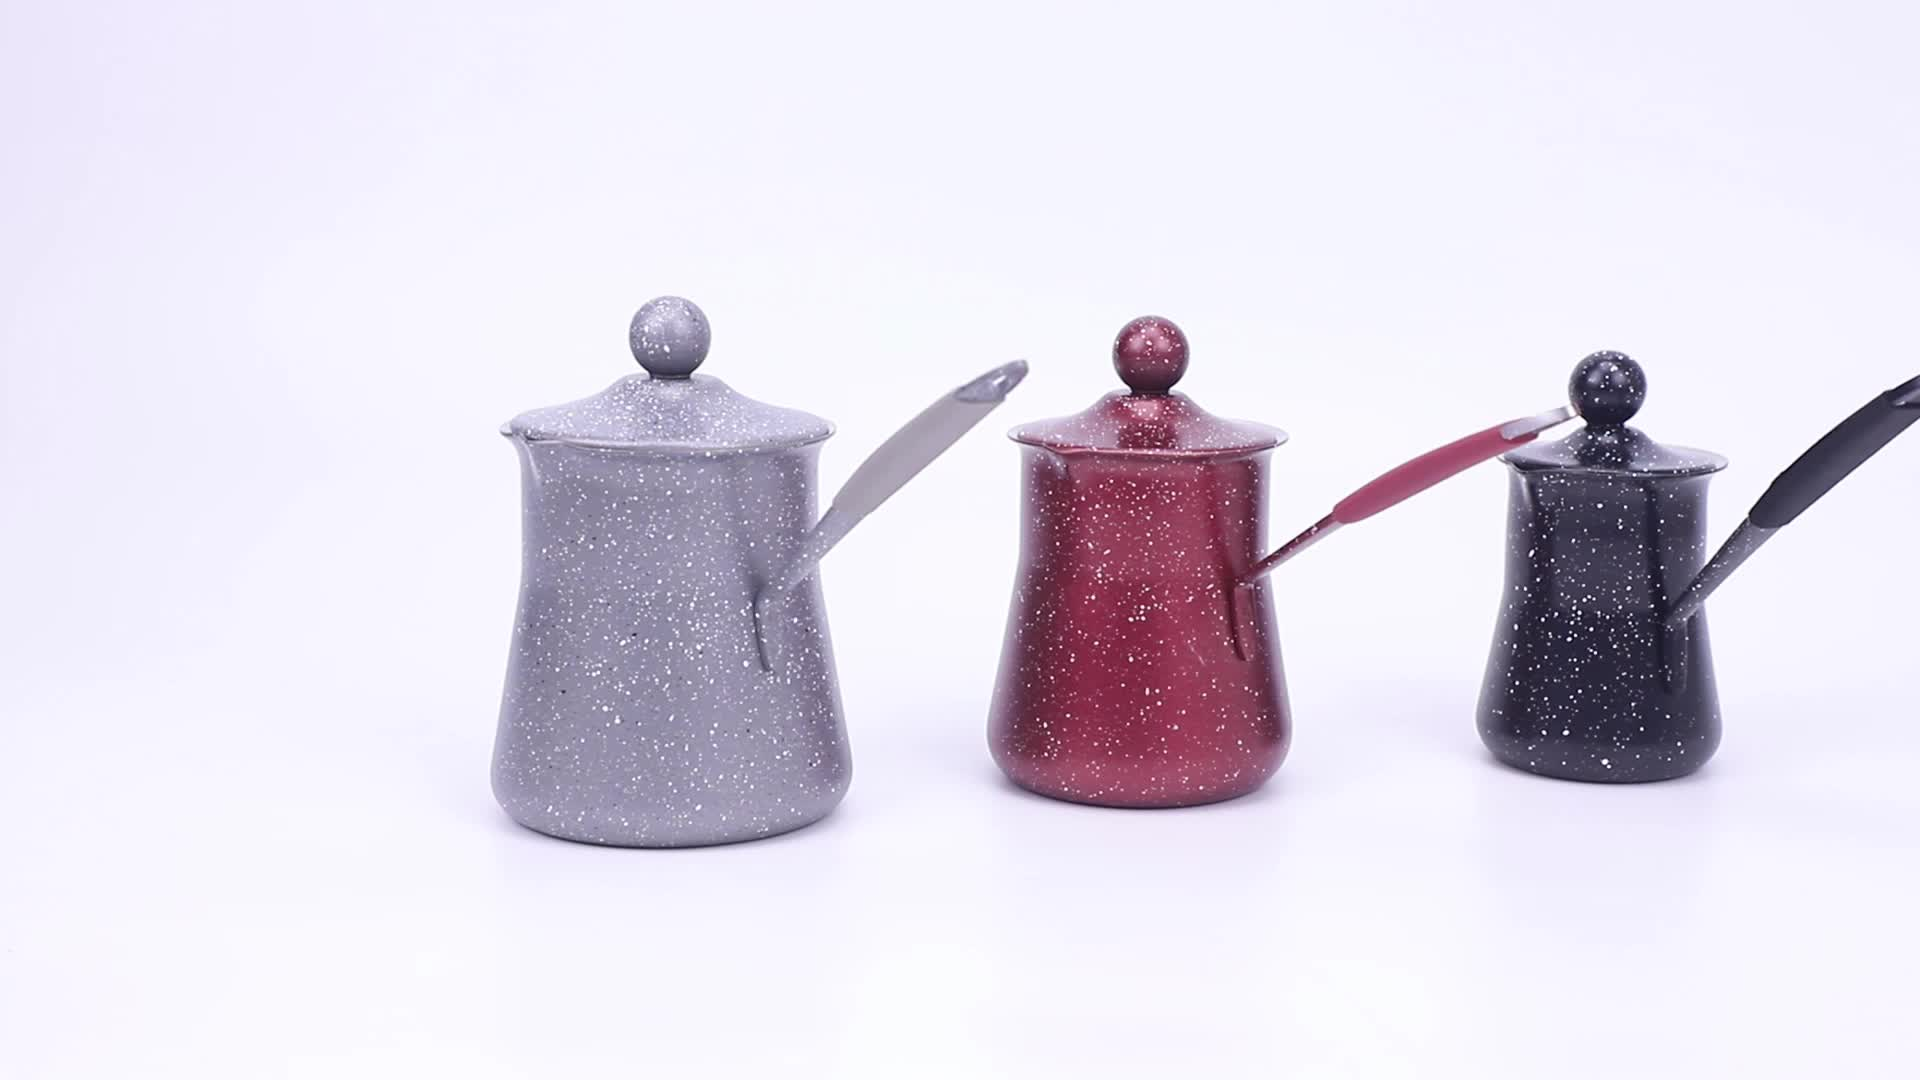 L10258581 Restoran Kopi Perkakas Bahasa Swedia Stainless Steel Moka Kopi Hangat Pot dengan Cerat